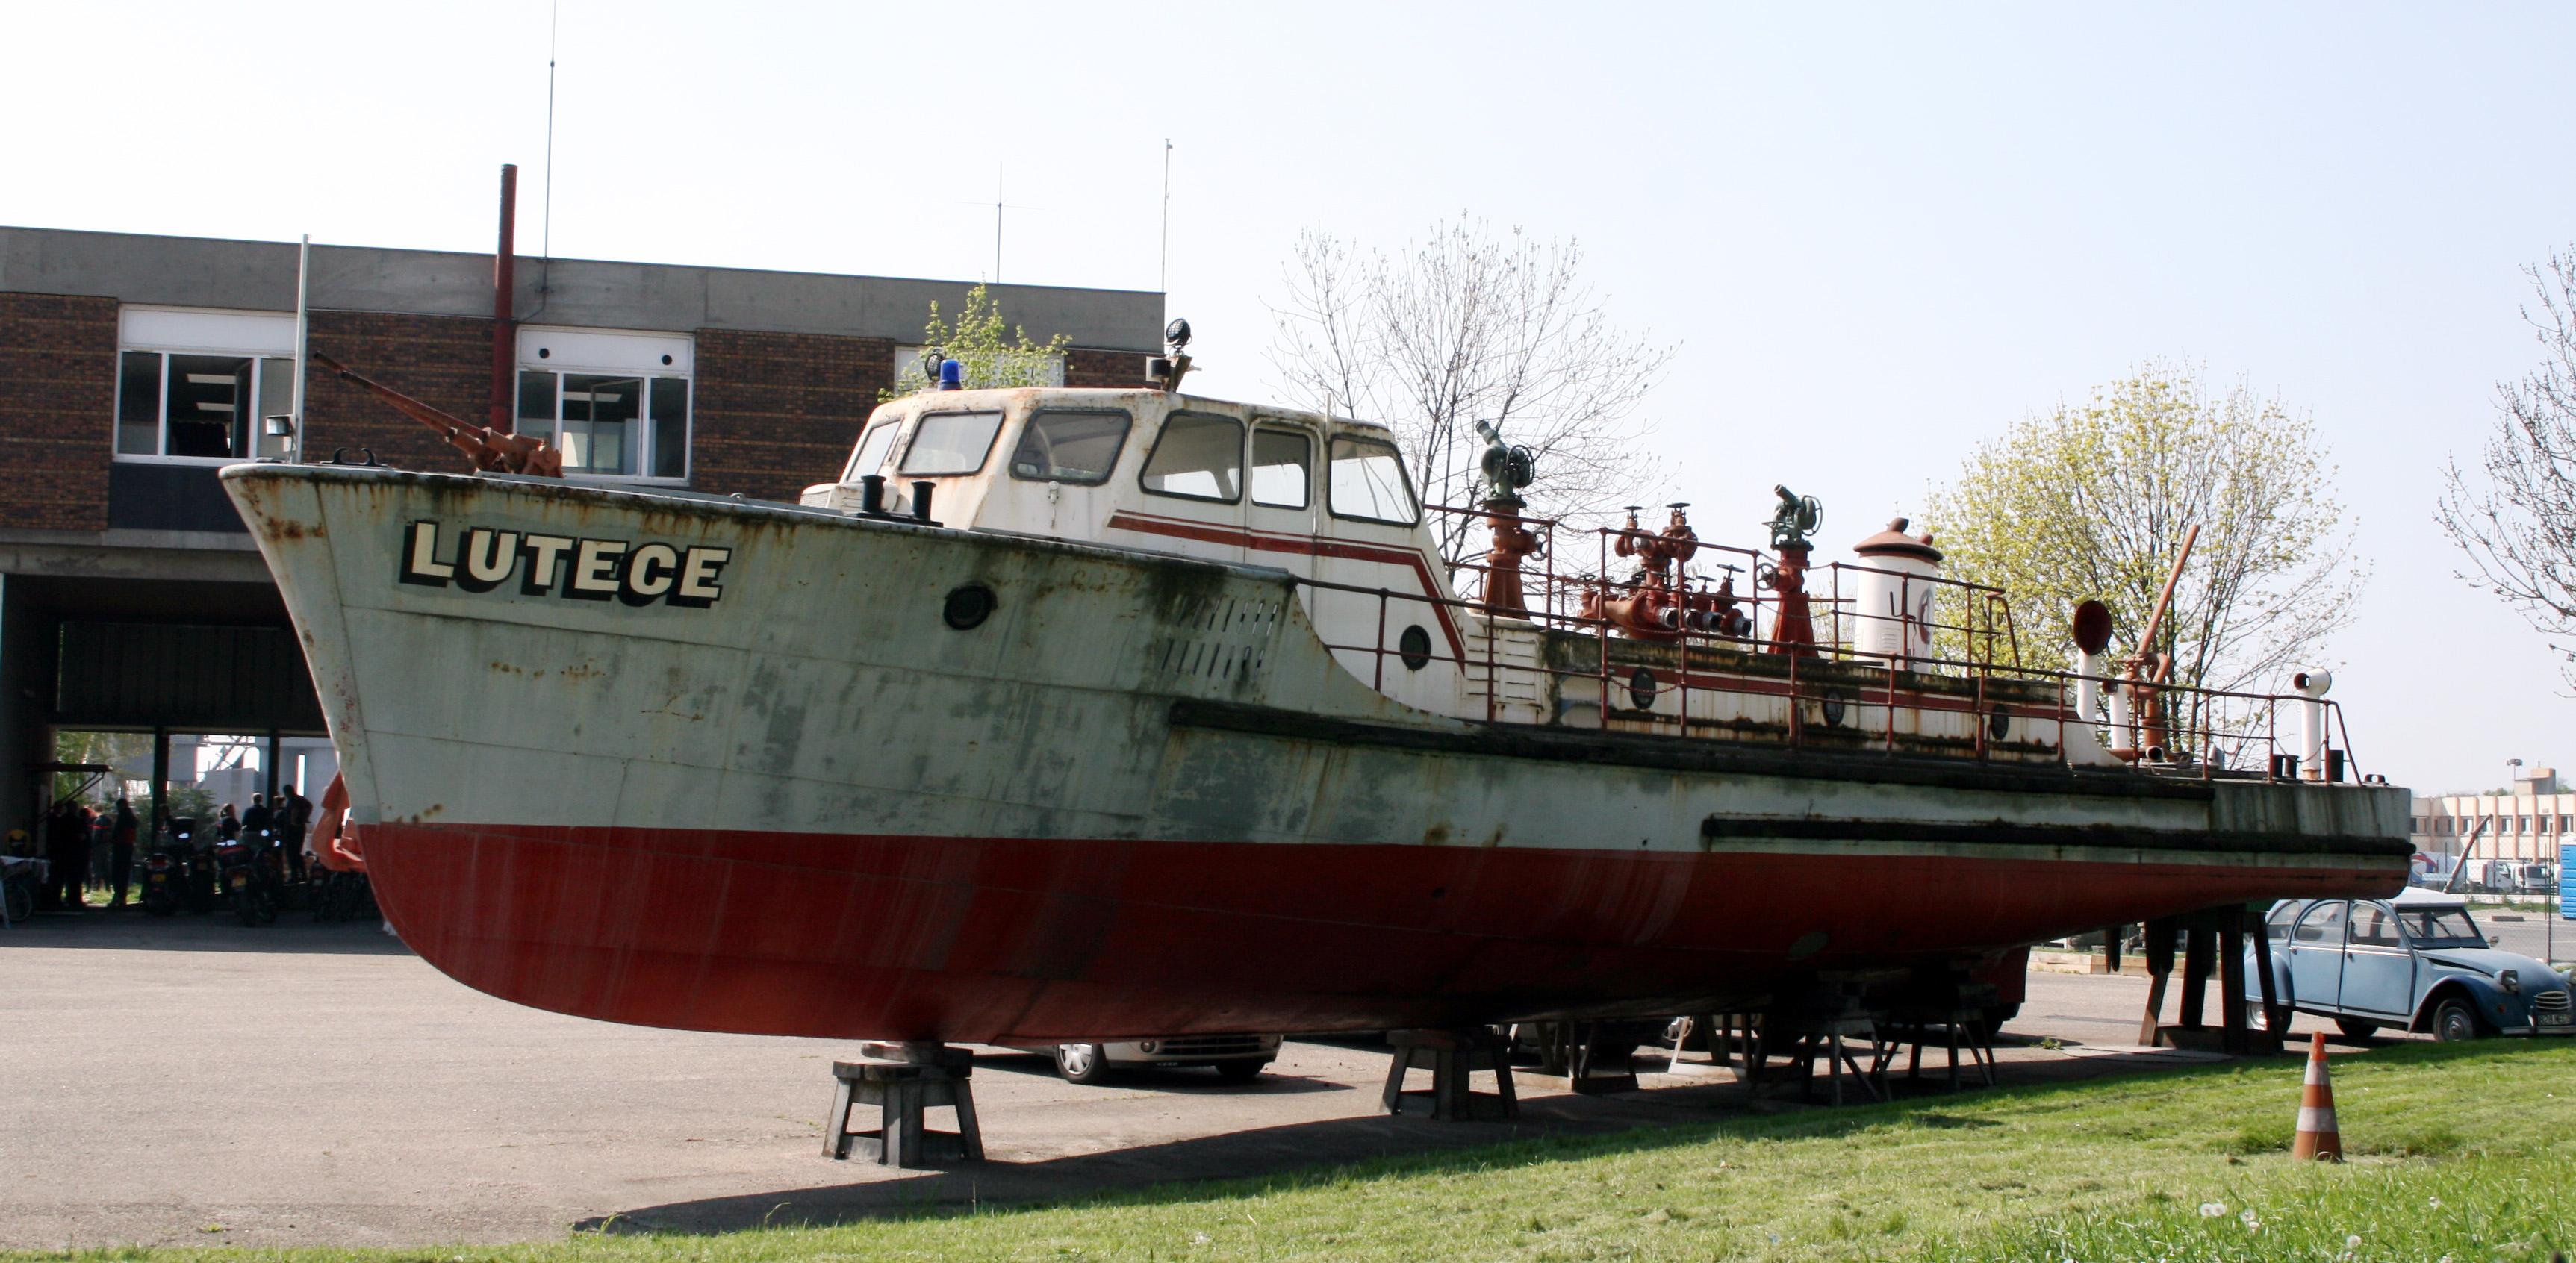 Lutece_bateau-pompe